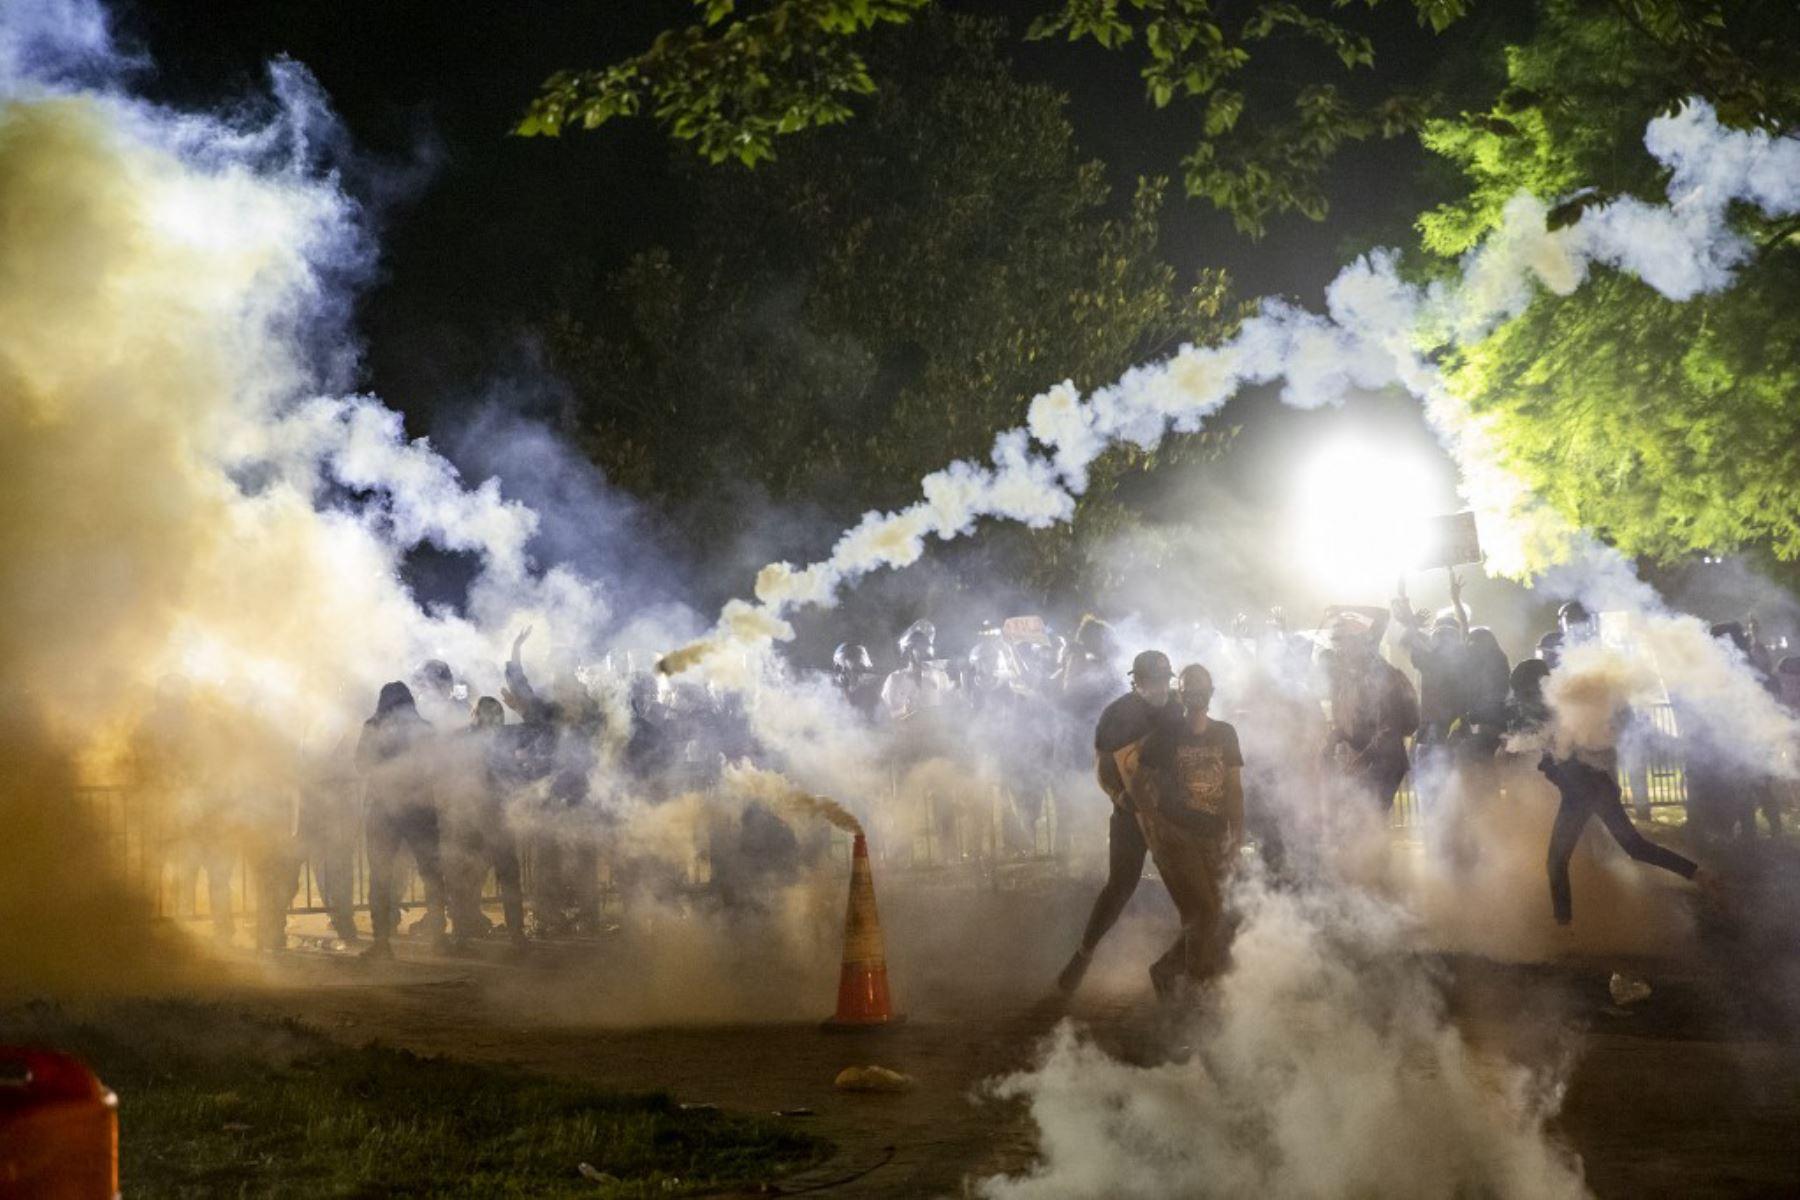 El gas lacrimógeno se eleva cuando los manifestantes se enfrentan con la policía durante una manifestación frente a la Casa Blanca sobre la muerte de George Floyd a manos de la Policía de Minneapolis en Washington, DC. Foto: AFP